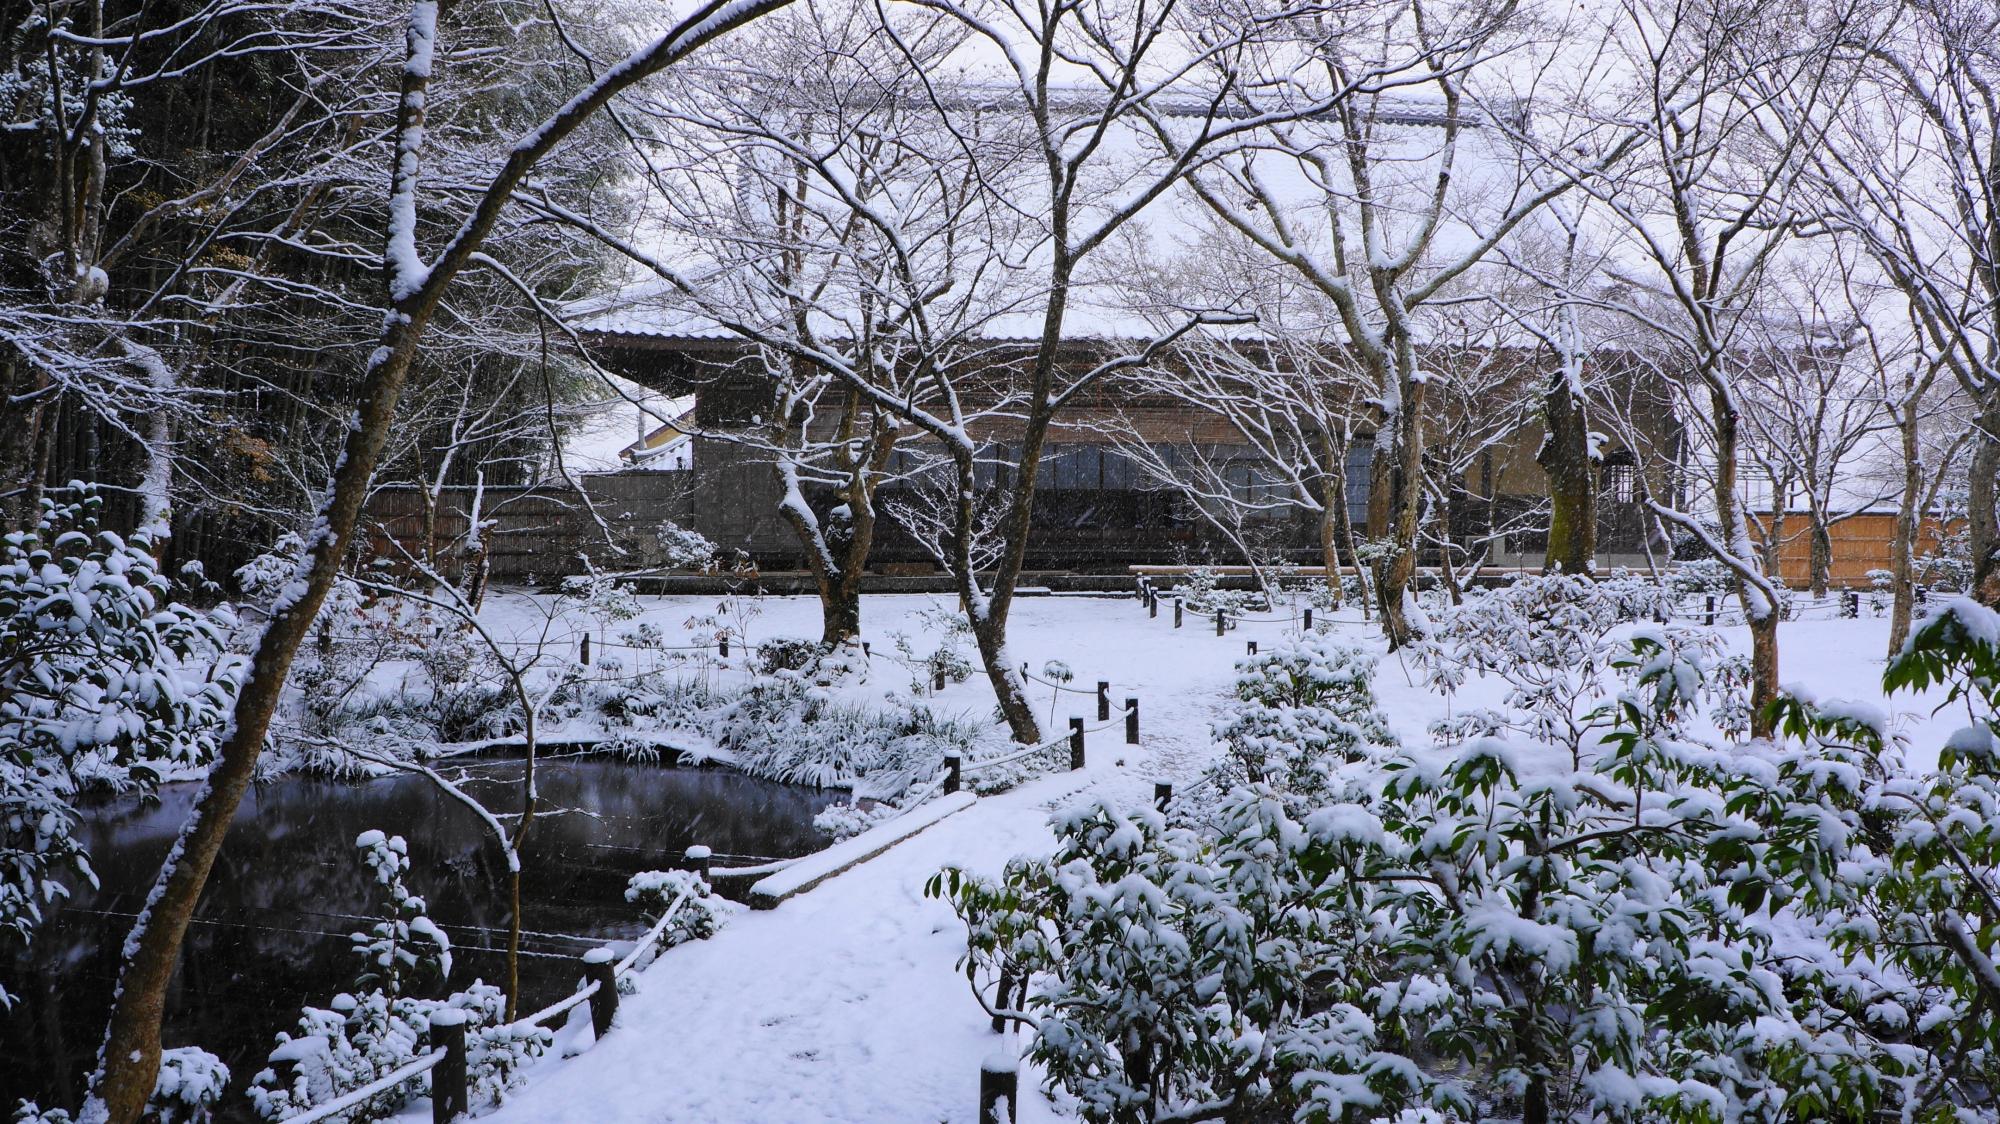 圓光寺の「瑞雲閣(ずいうんかく)」の雪景色